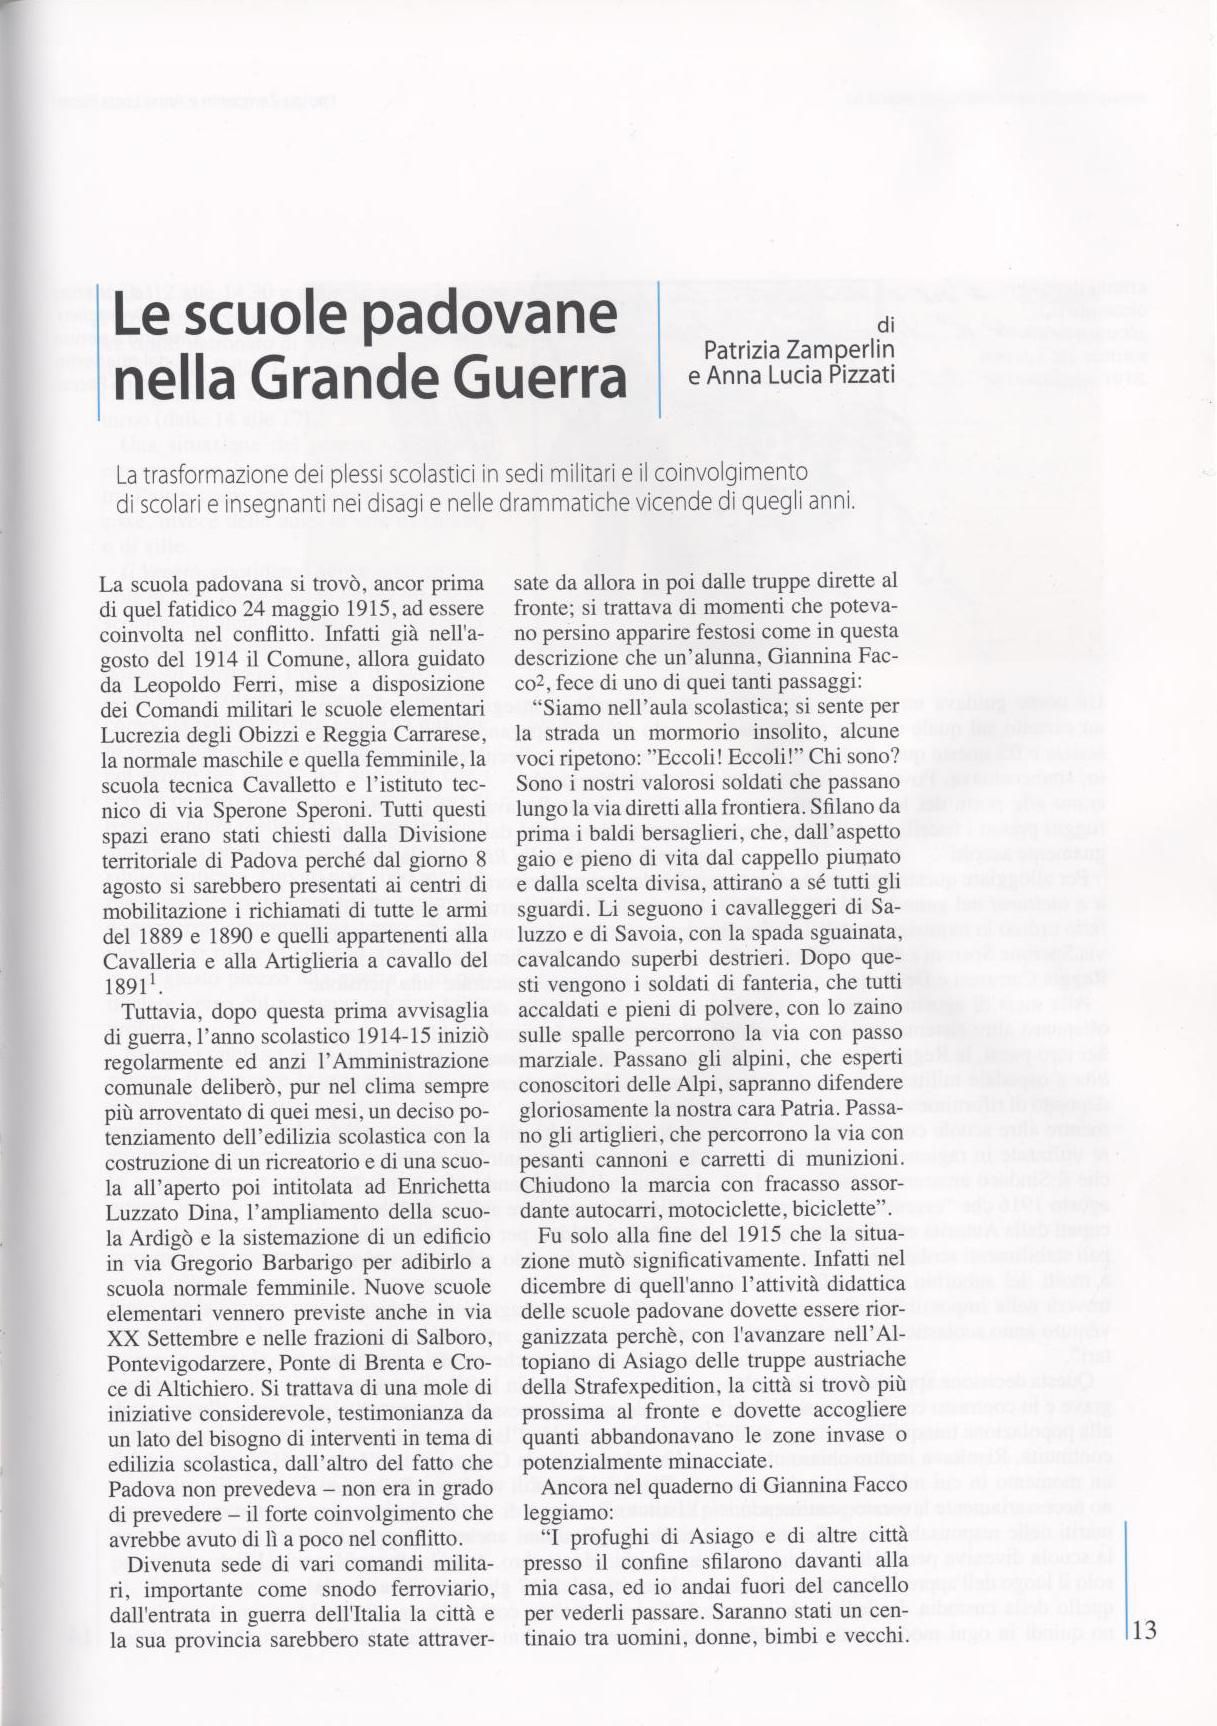 padovaeilsuoterritorio p 13